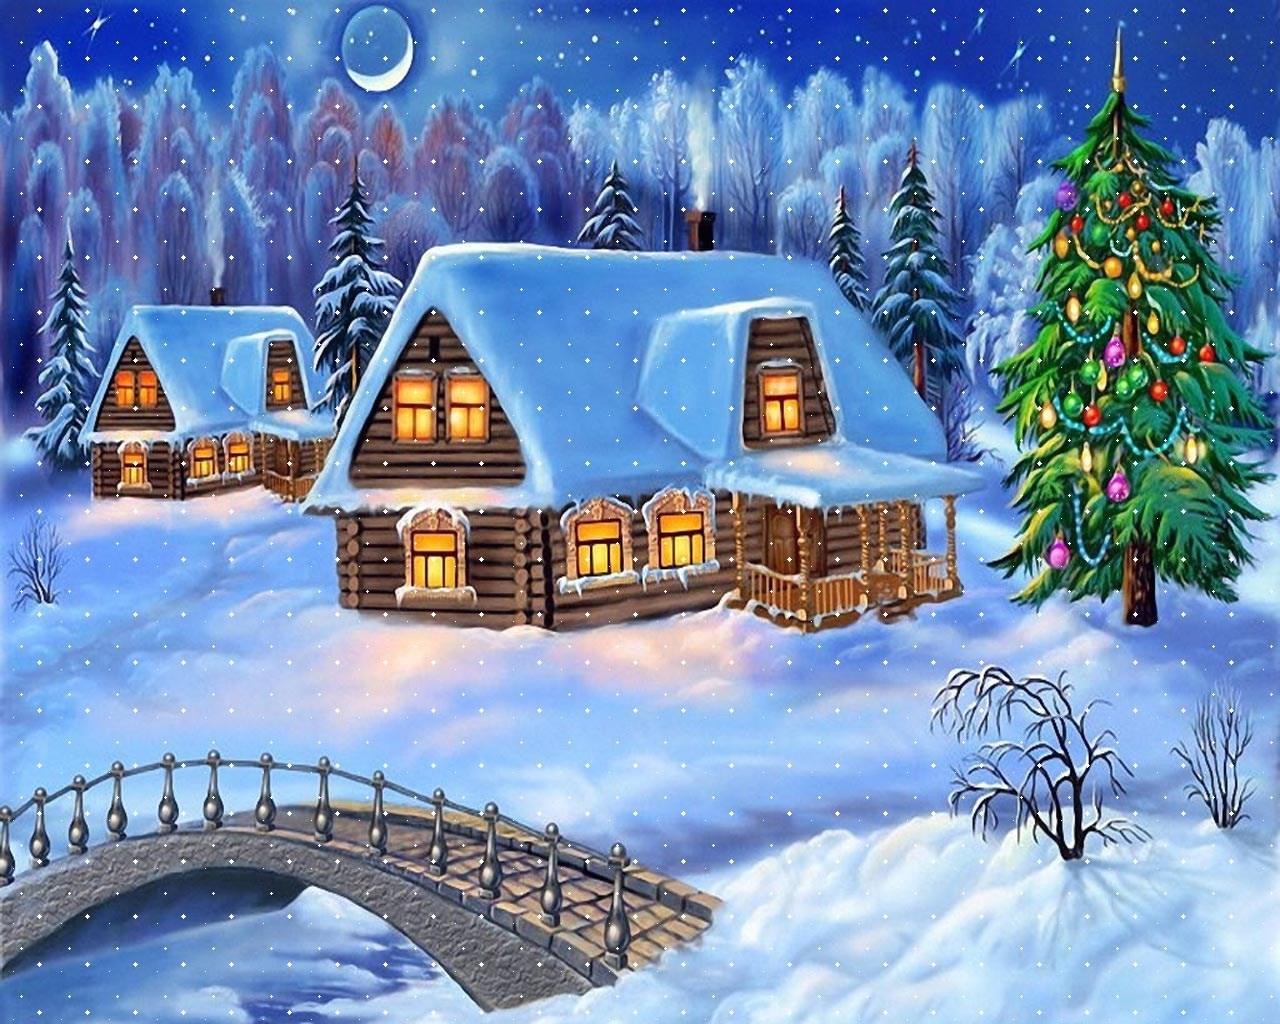 Новогодняя открытка красивая, надписью лучше